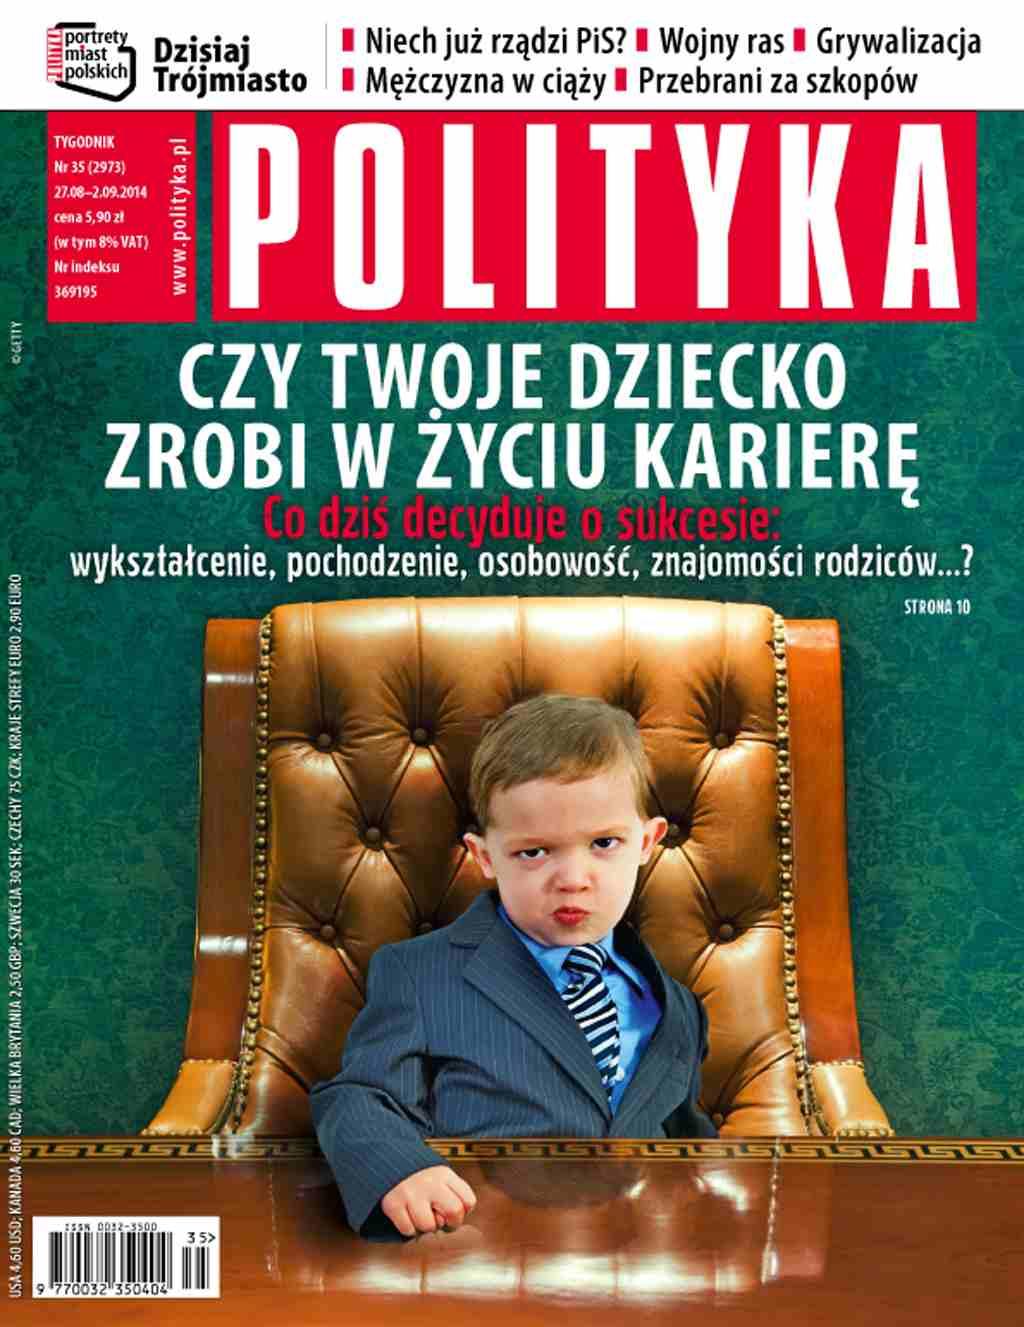 Polityka nr 35/2014 - Ebook (Książka PDF) do pobrania w formacie PDF